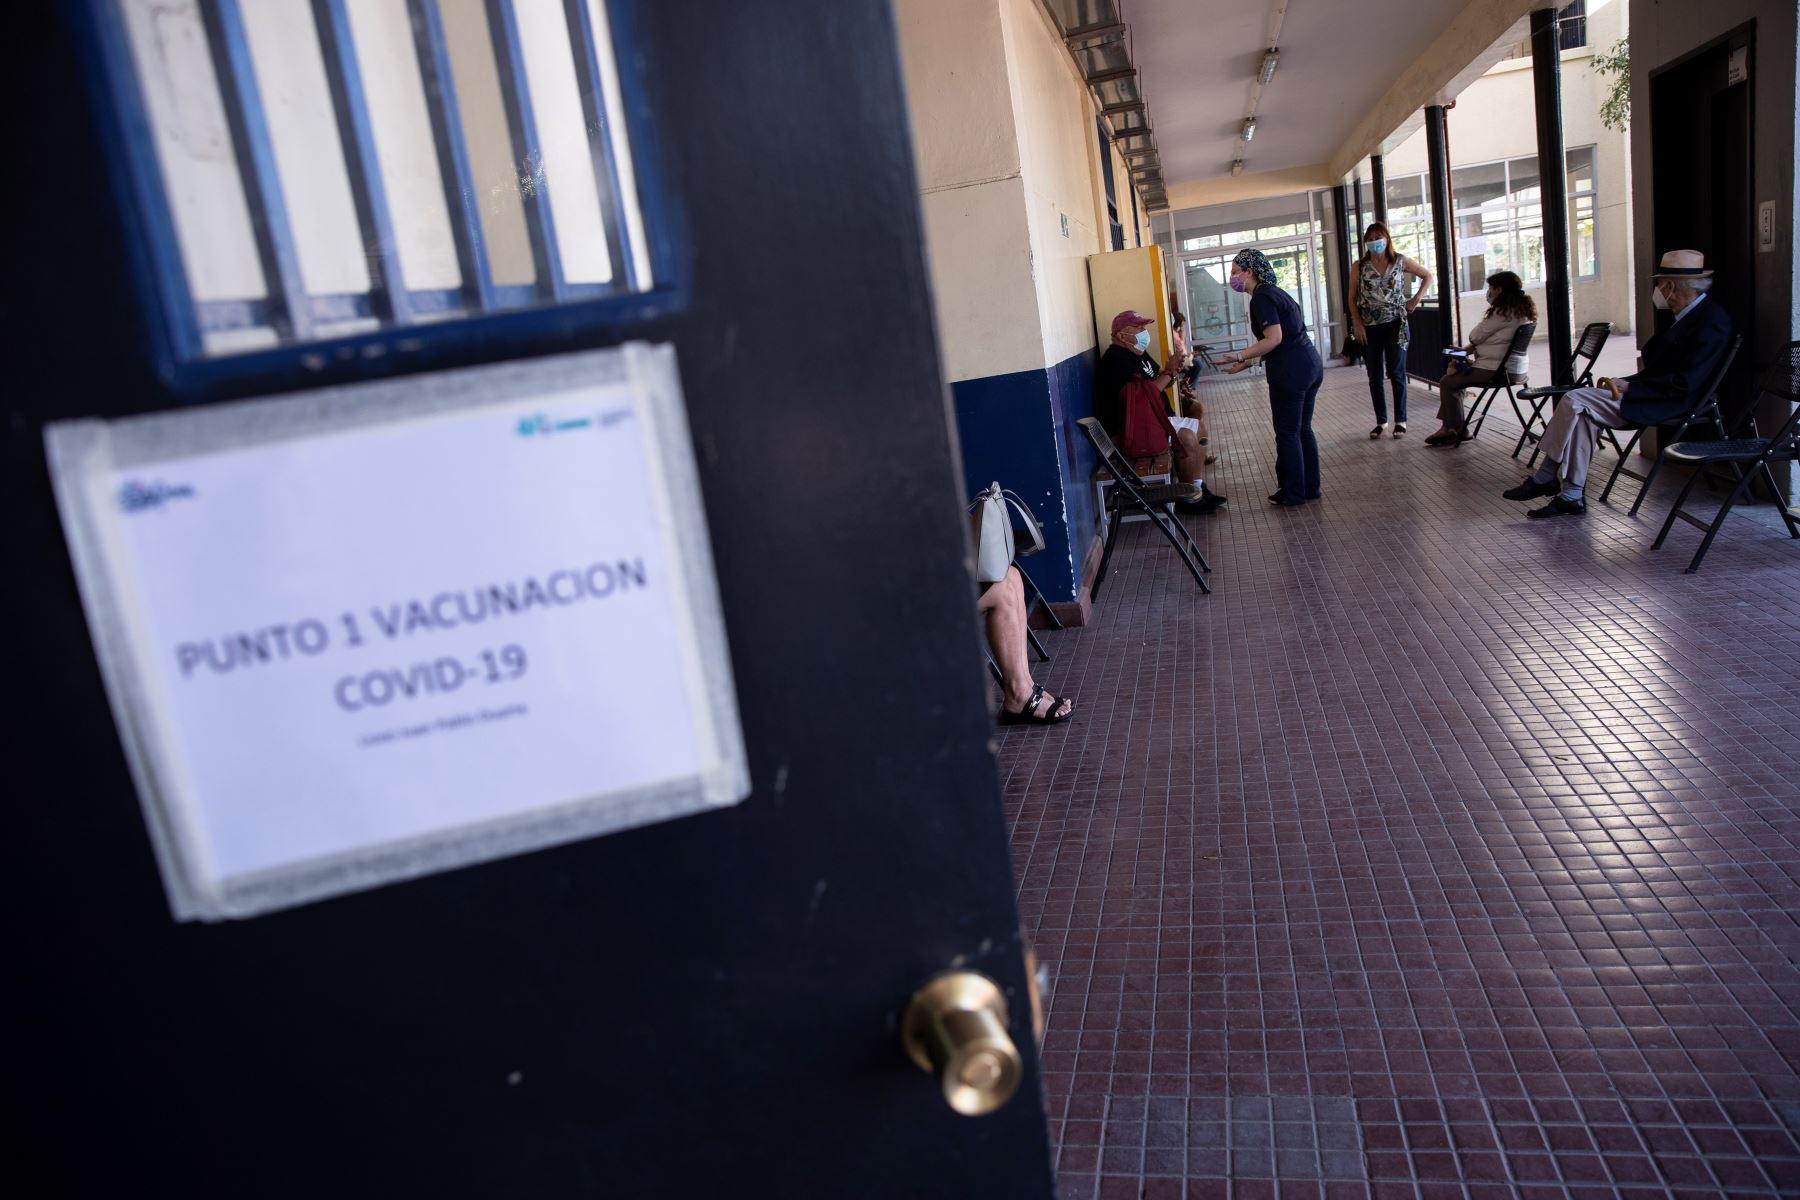 Una enfermera supervisa el estado de salud de varias personas inoculadas con una dosis de la vacuna china del laboratorio Sinovac contra la Covid-19, el 22 de febrero 2021, en un centro de vacunación en Santiago de Chile. Foto: EFE